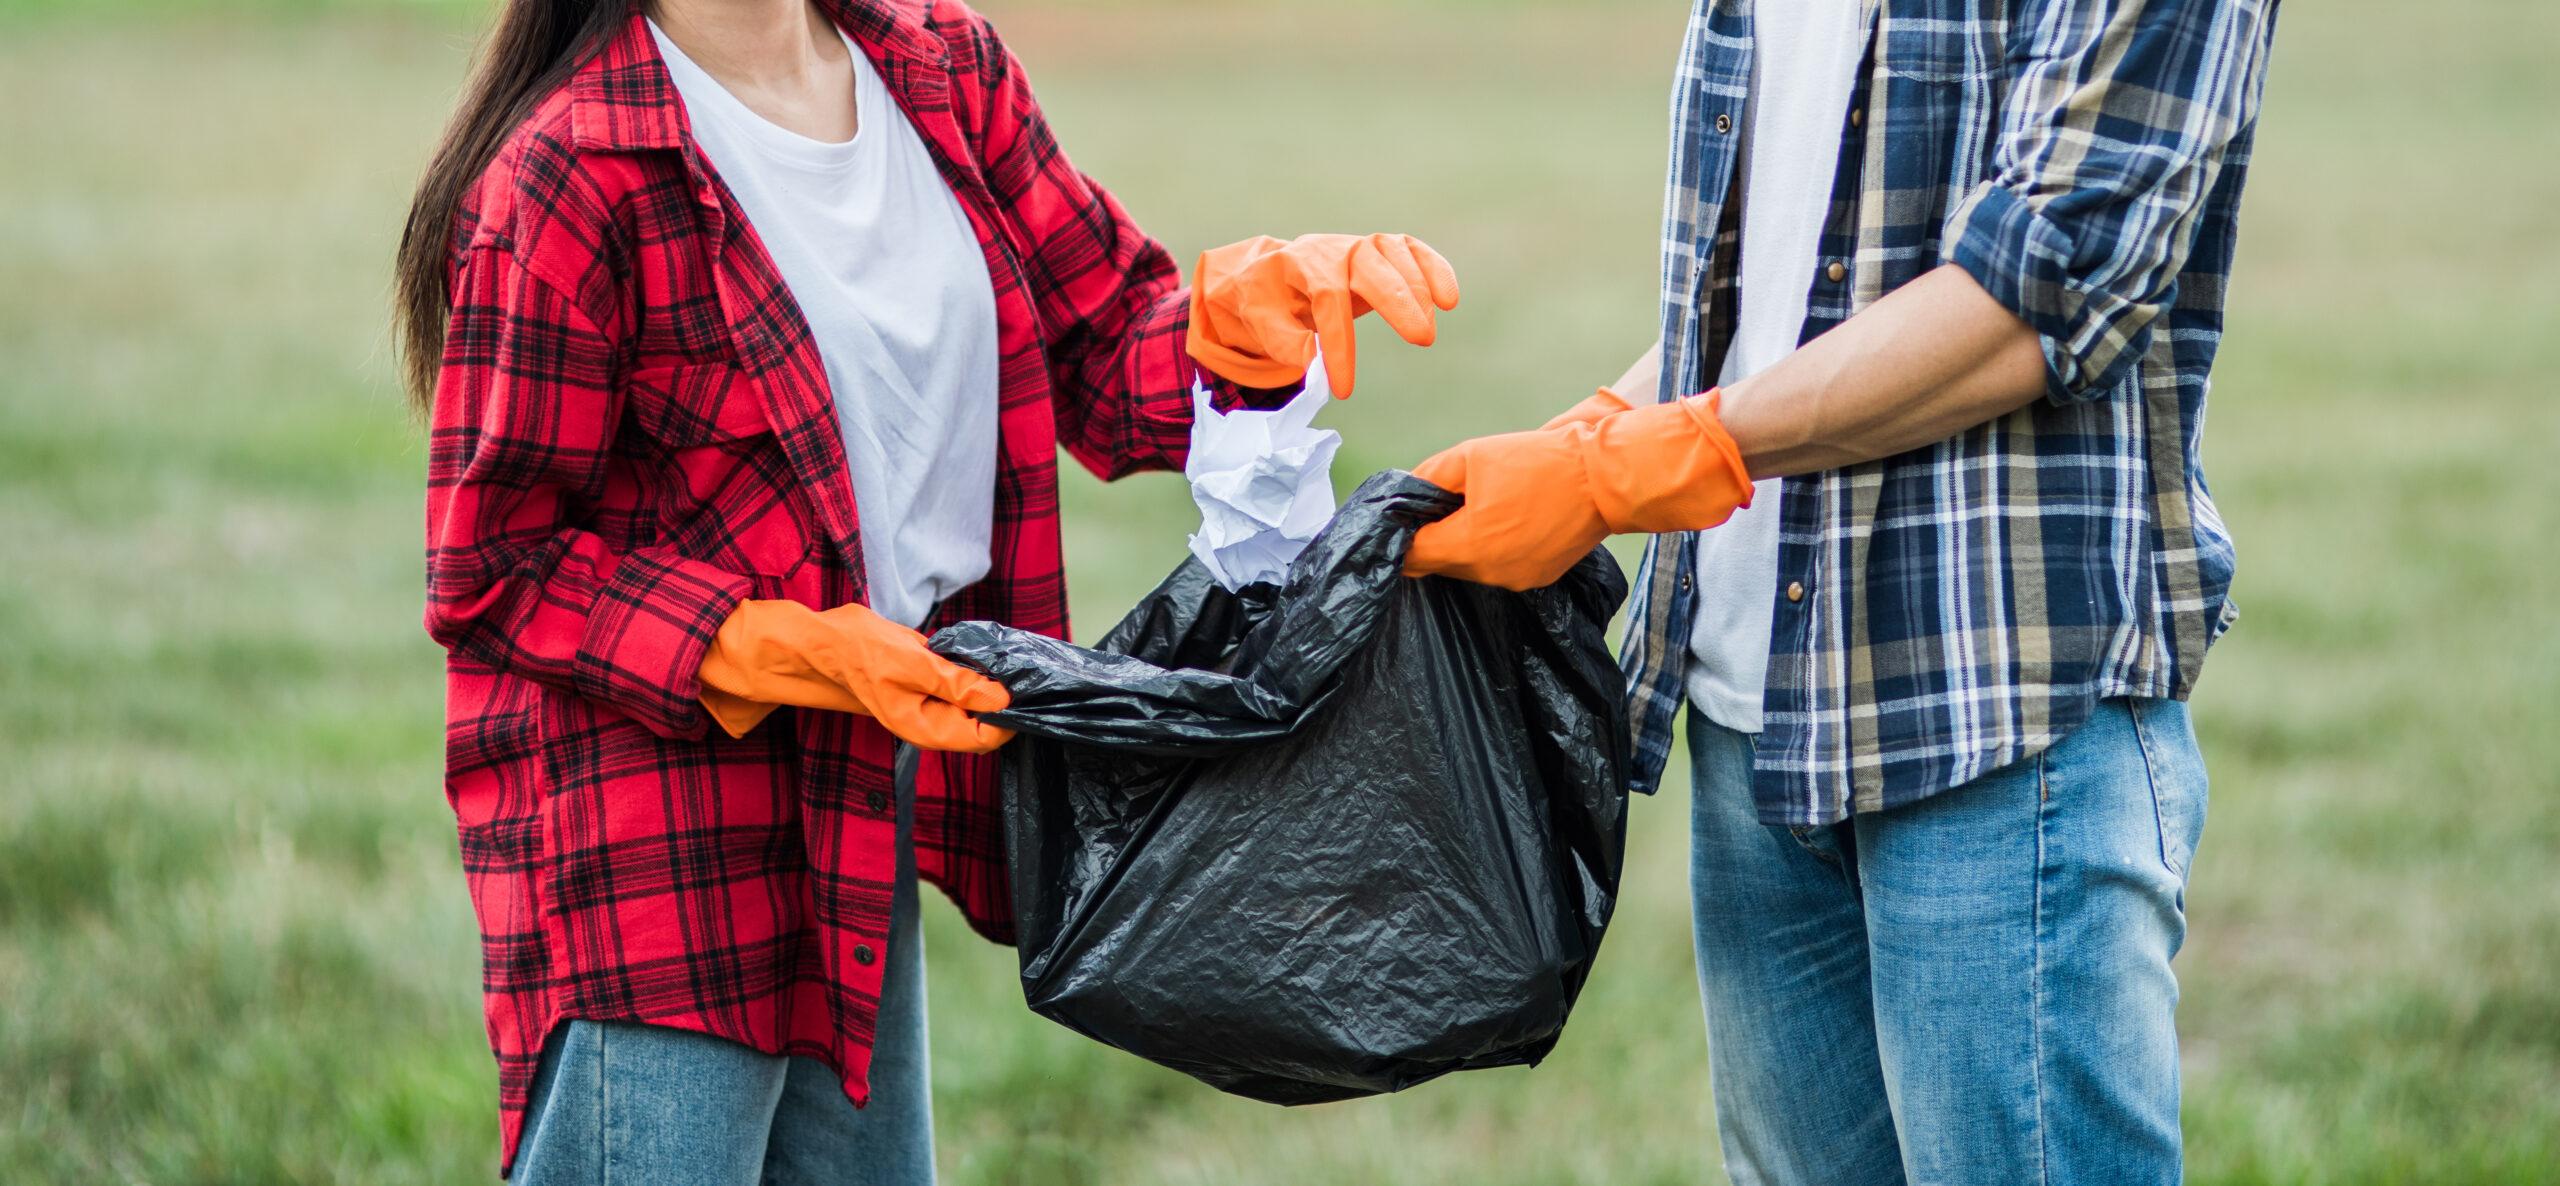 Dzień Ziemi. 22 kwietnia wspólnie posprzątajmy las